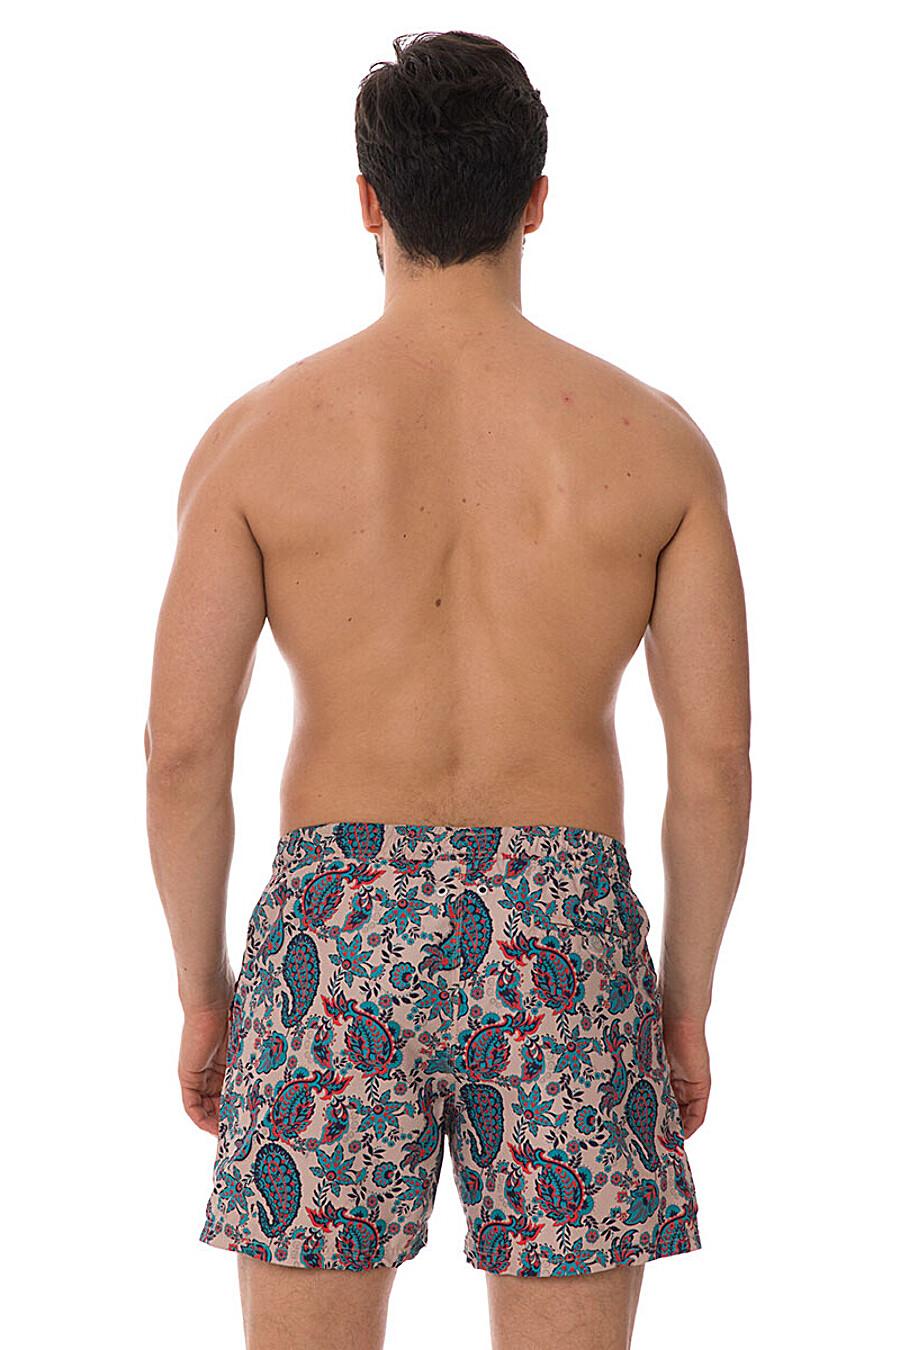 Шорты для мужчин PE.CHITTO 169331 купить оптом от производителя. Совместная покупка мужской одежды в OptMoyo